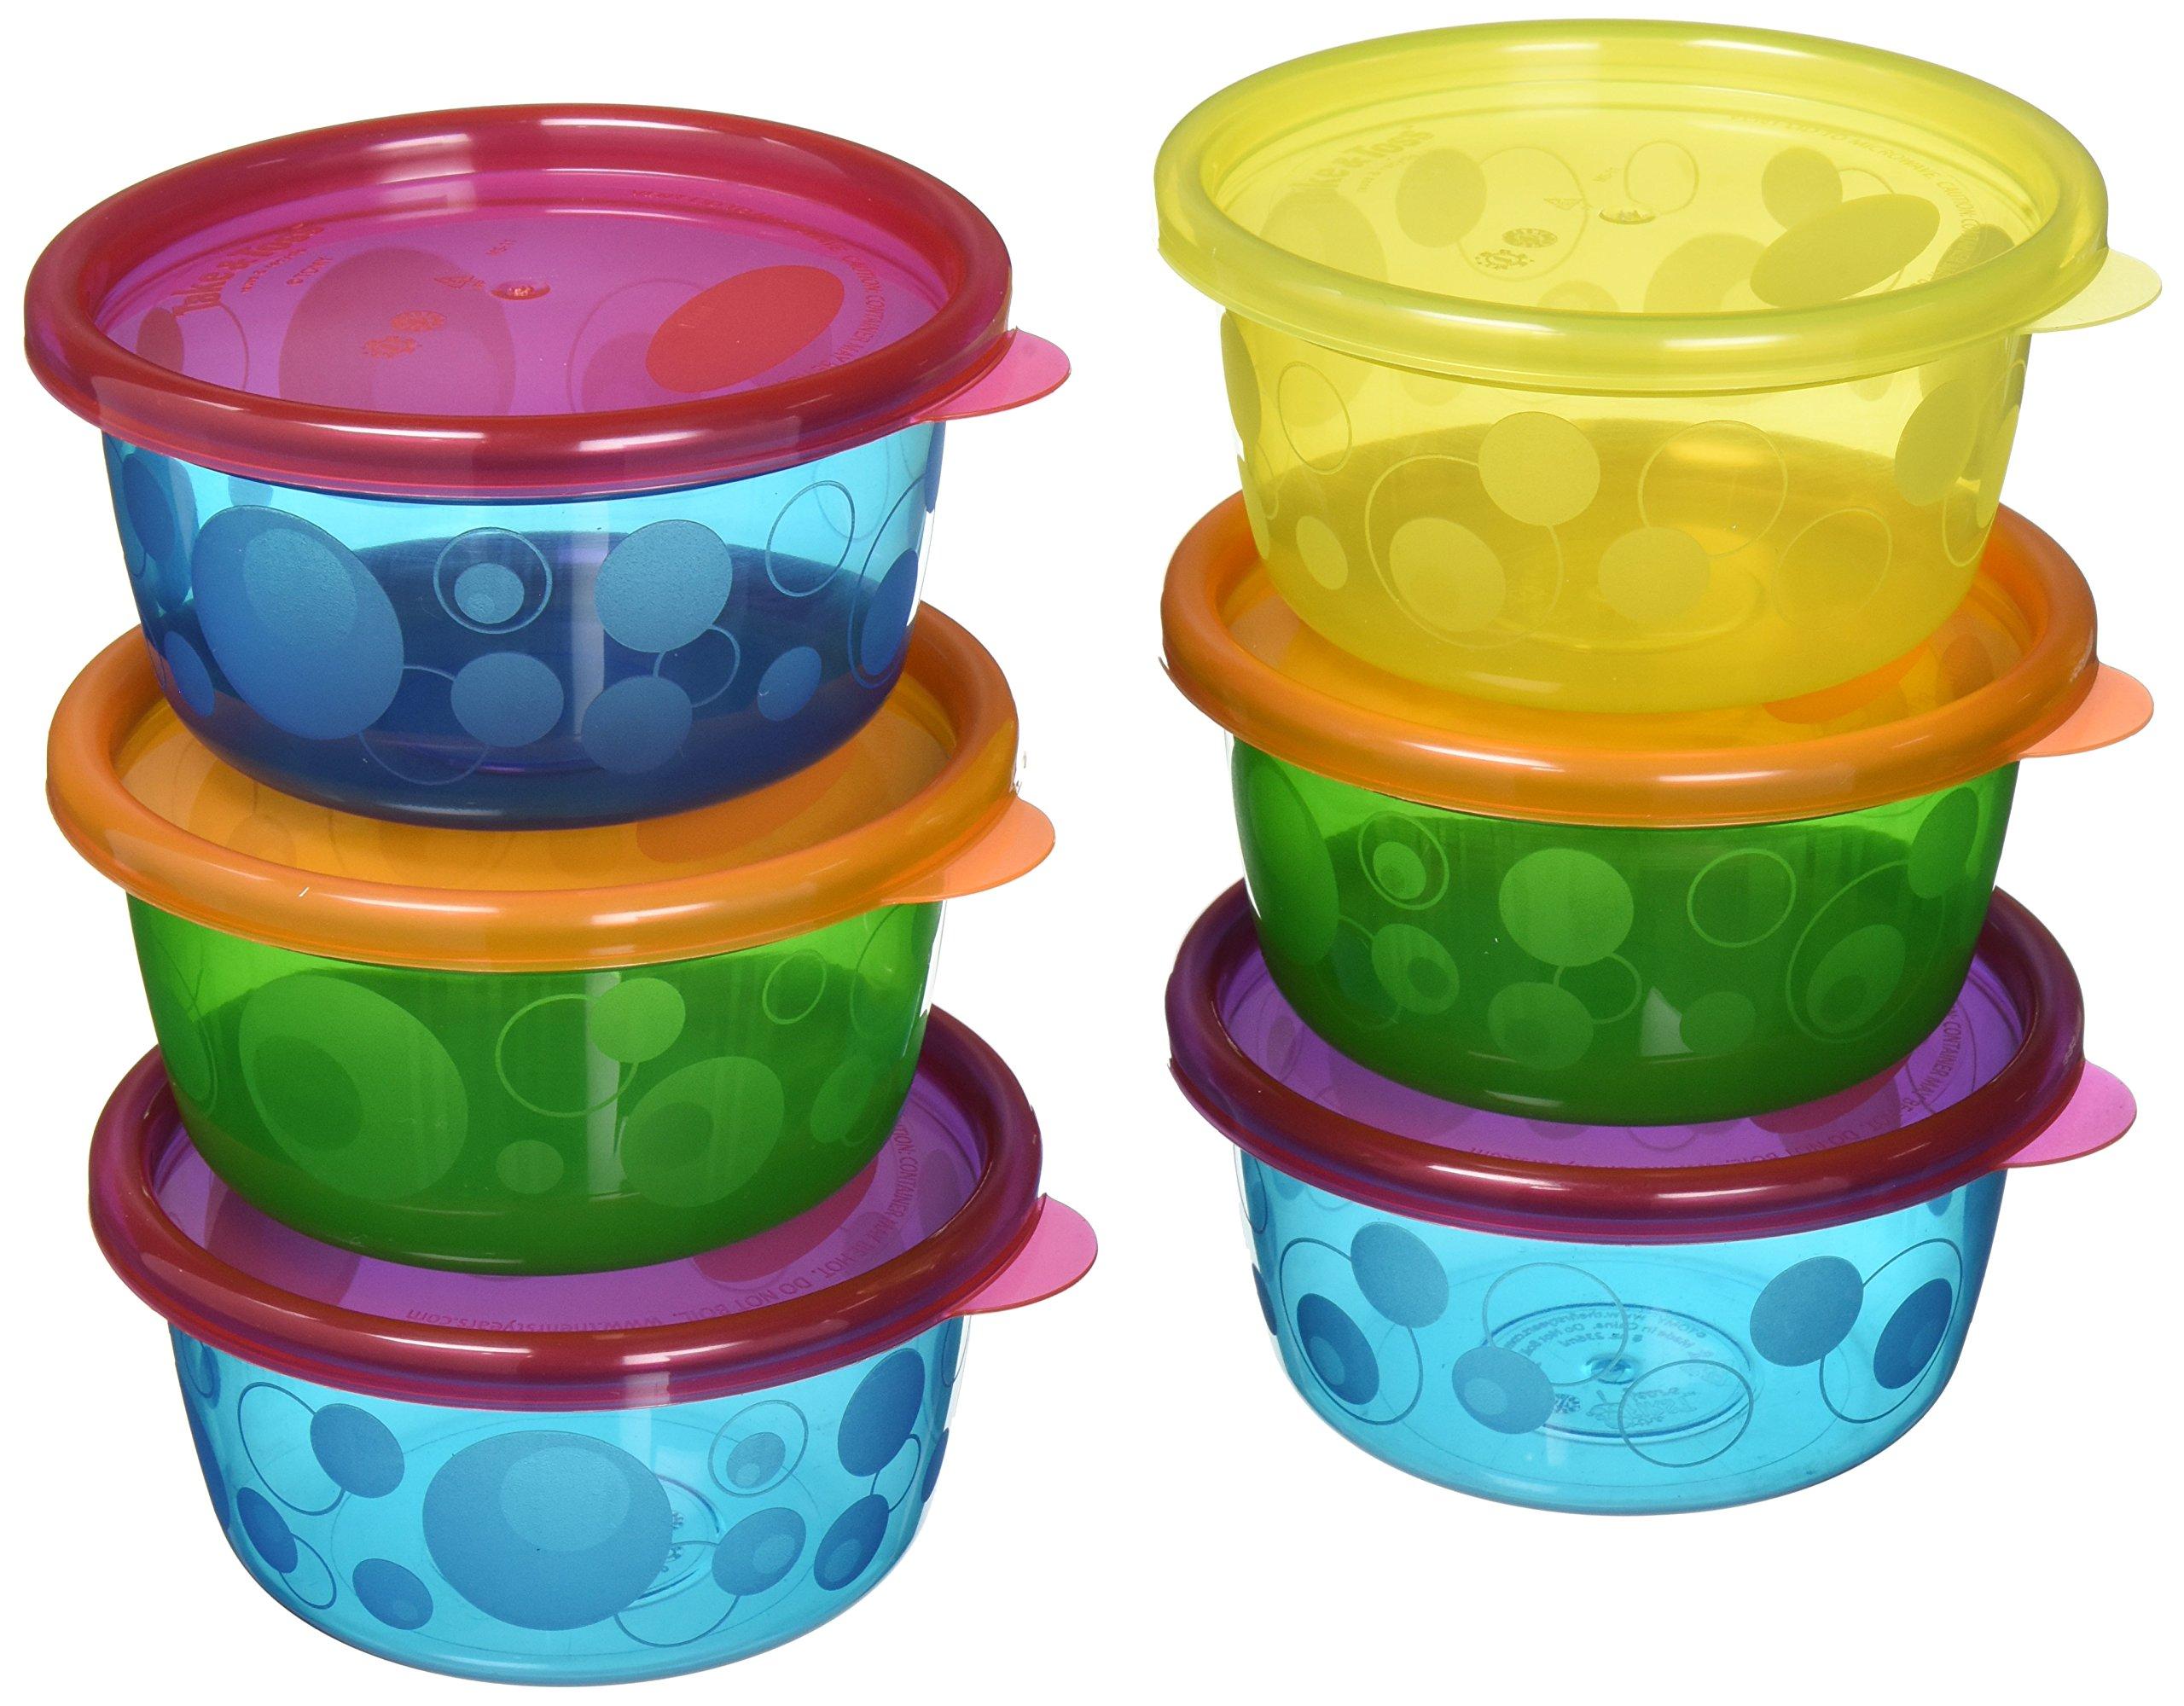 Take Toss Toddler Bowls Lids